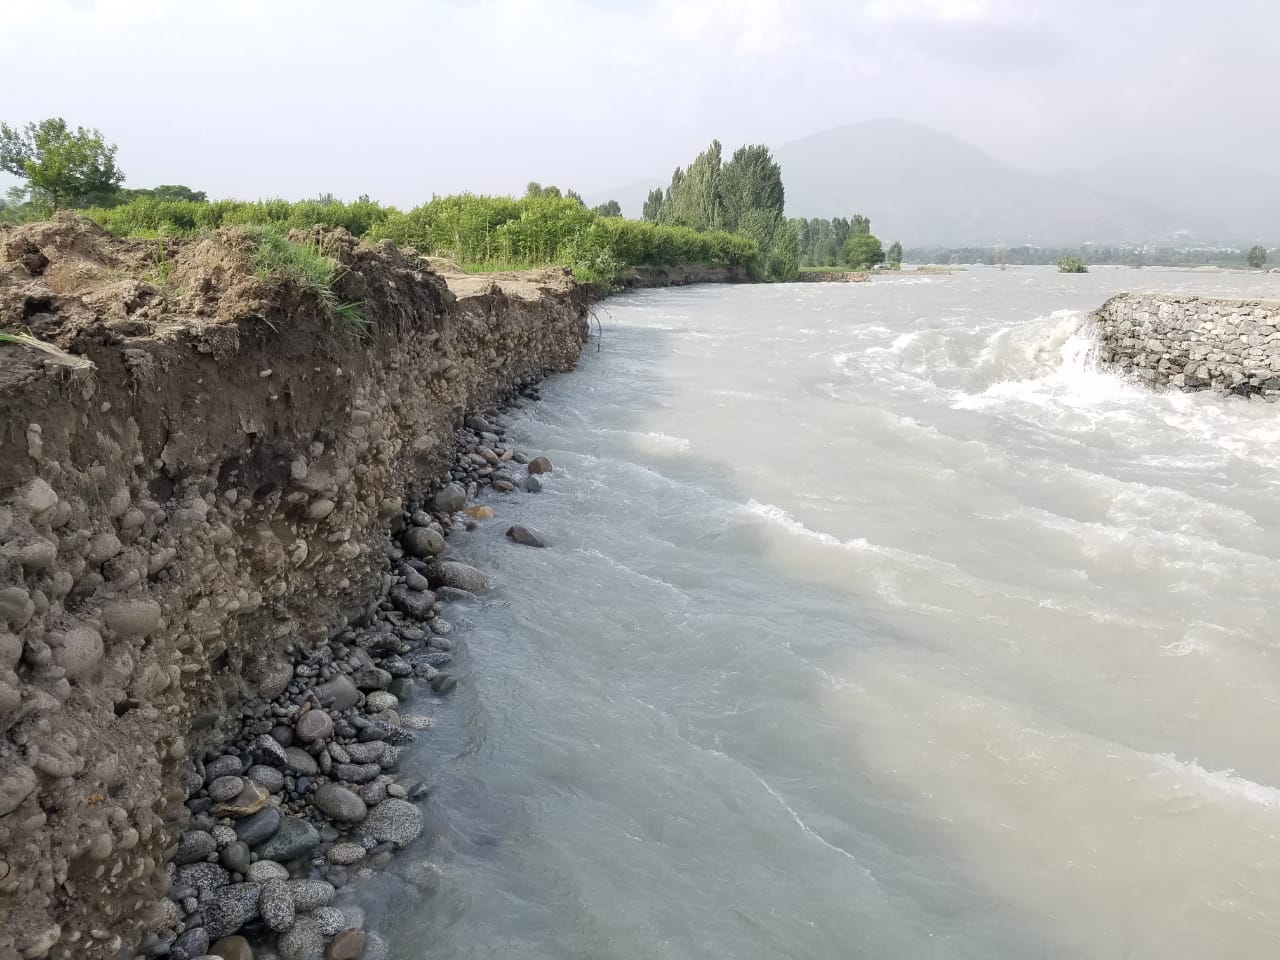 دریائے سوات کی بہاو میں مسلسل اضافہ،کھڑی فصلیں اور کئی مکان زیر آب